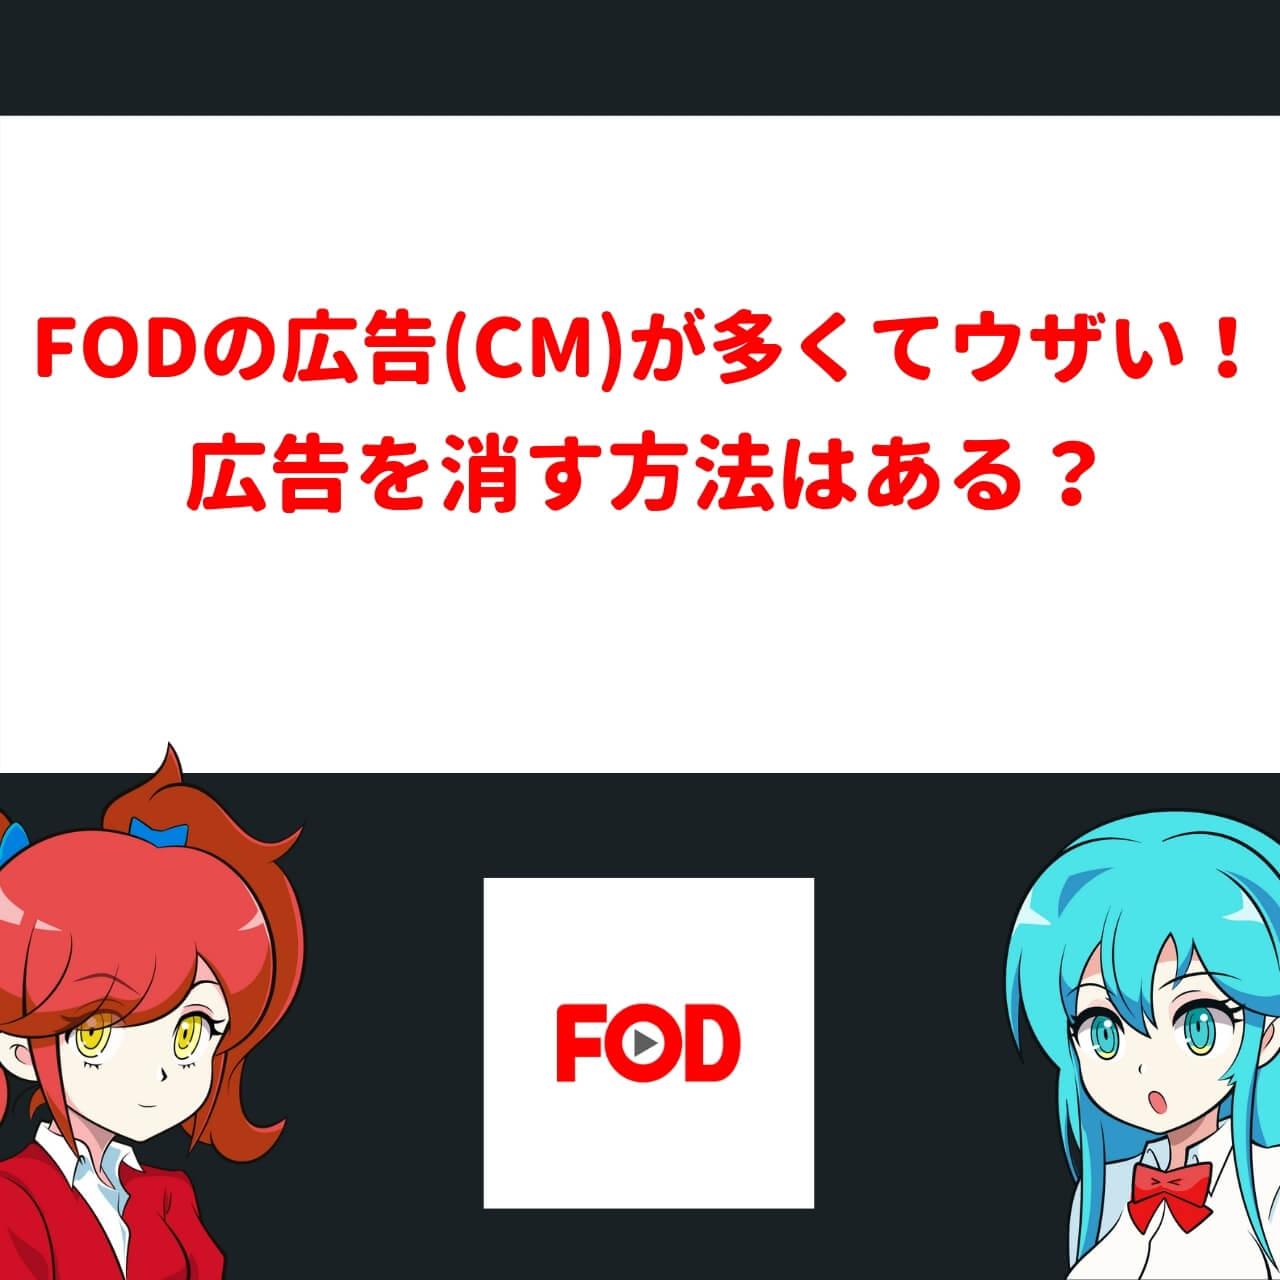 FODの広告(CM)が多くてウザい!広告を消す方法はある?